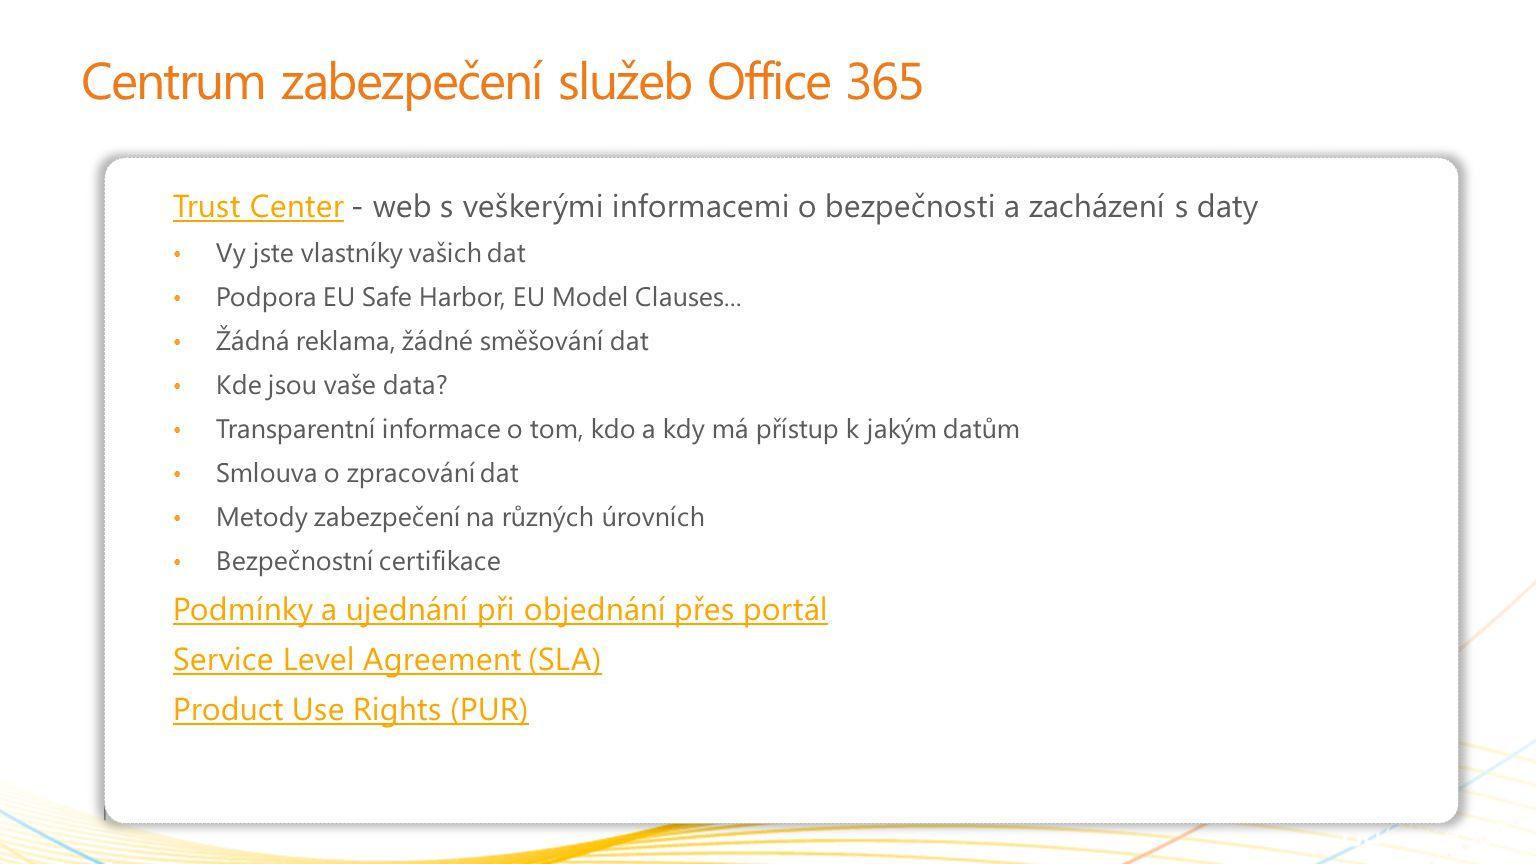 Centrum zabezpečení služeb Office 365